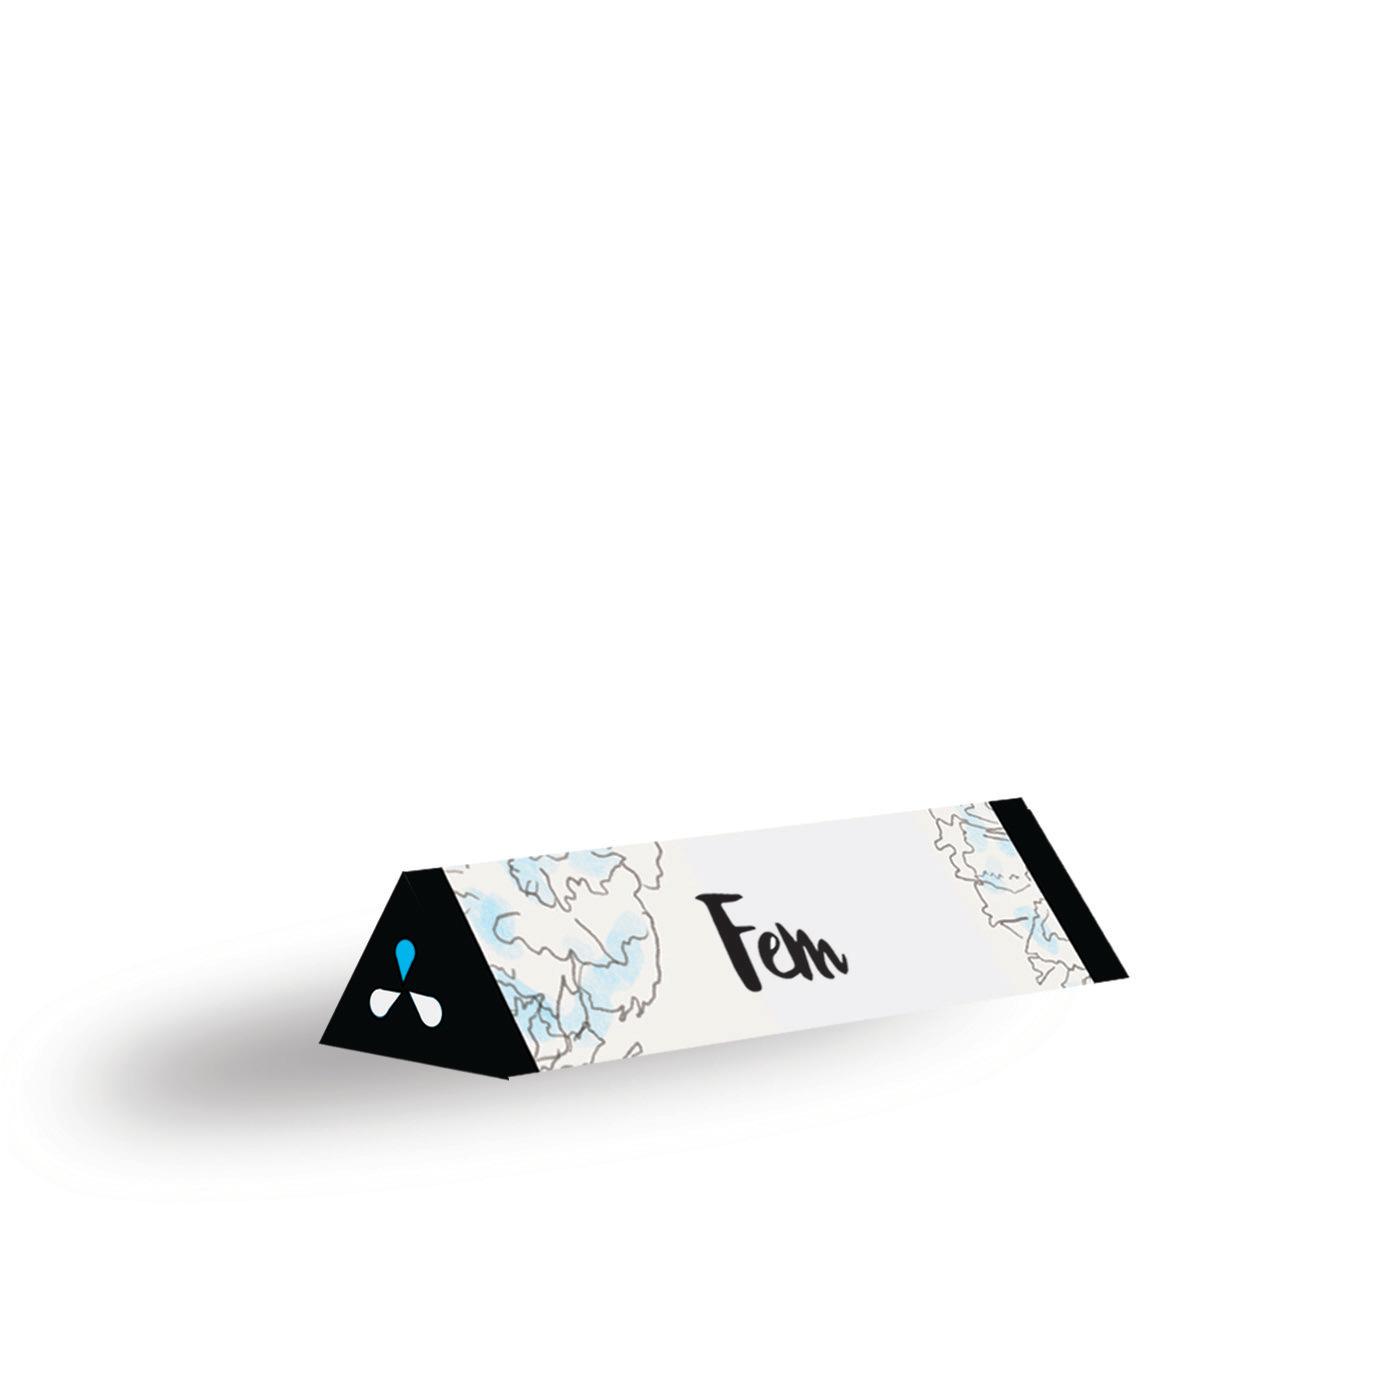 Fem Tampon Design by Caroline Staniski